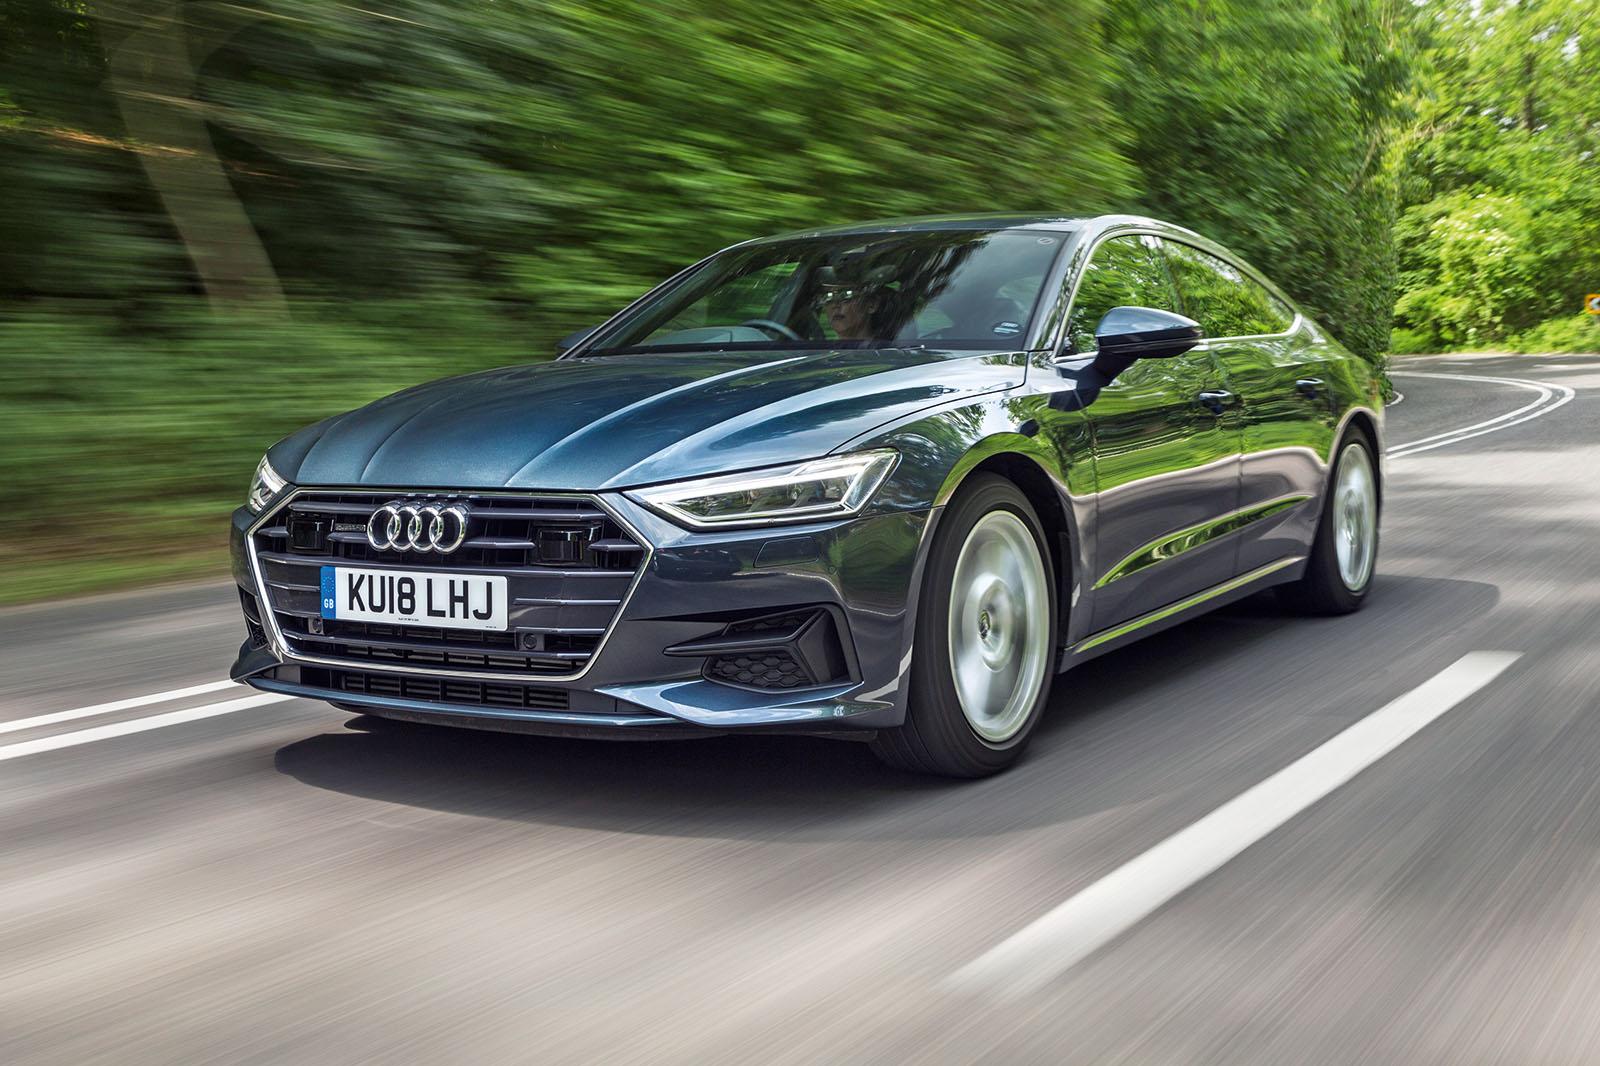 Kekurangan Audi A7 Sportback Review